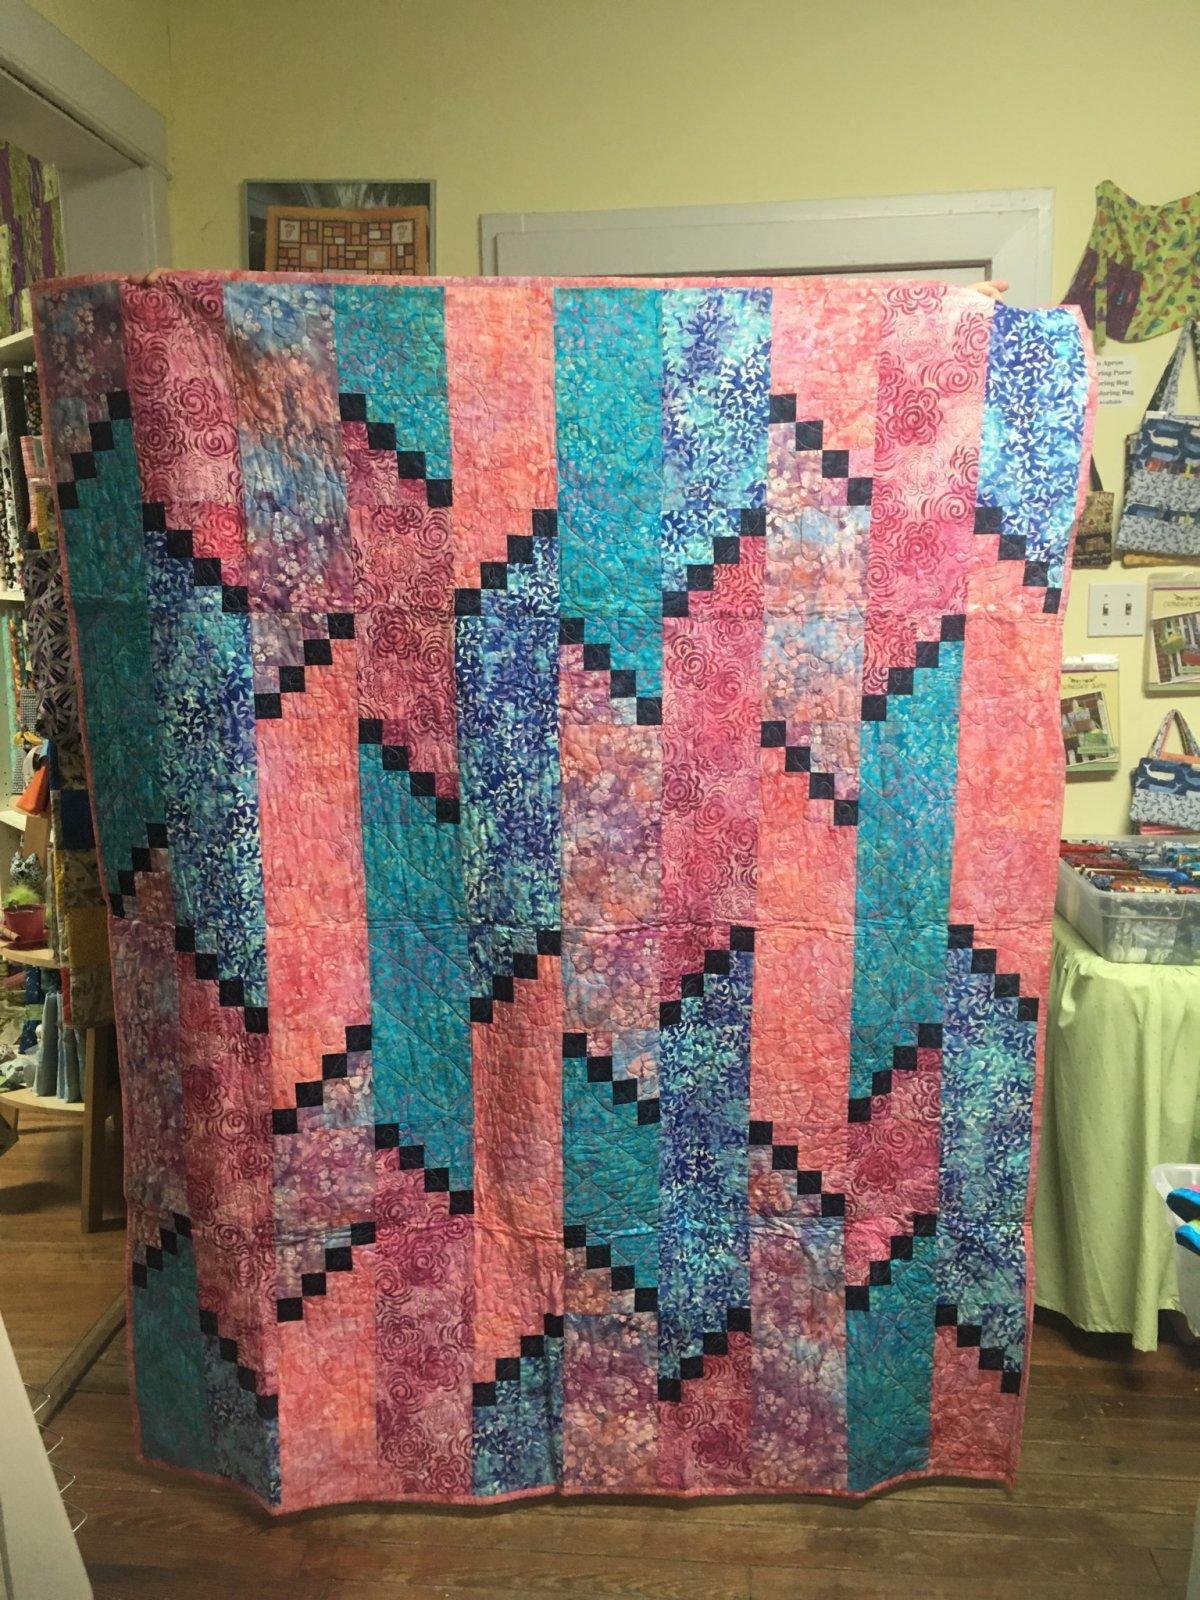 Batik Quilt 59 x 72